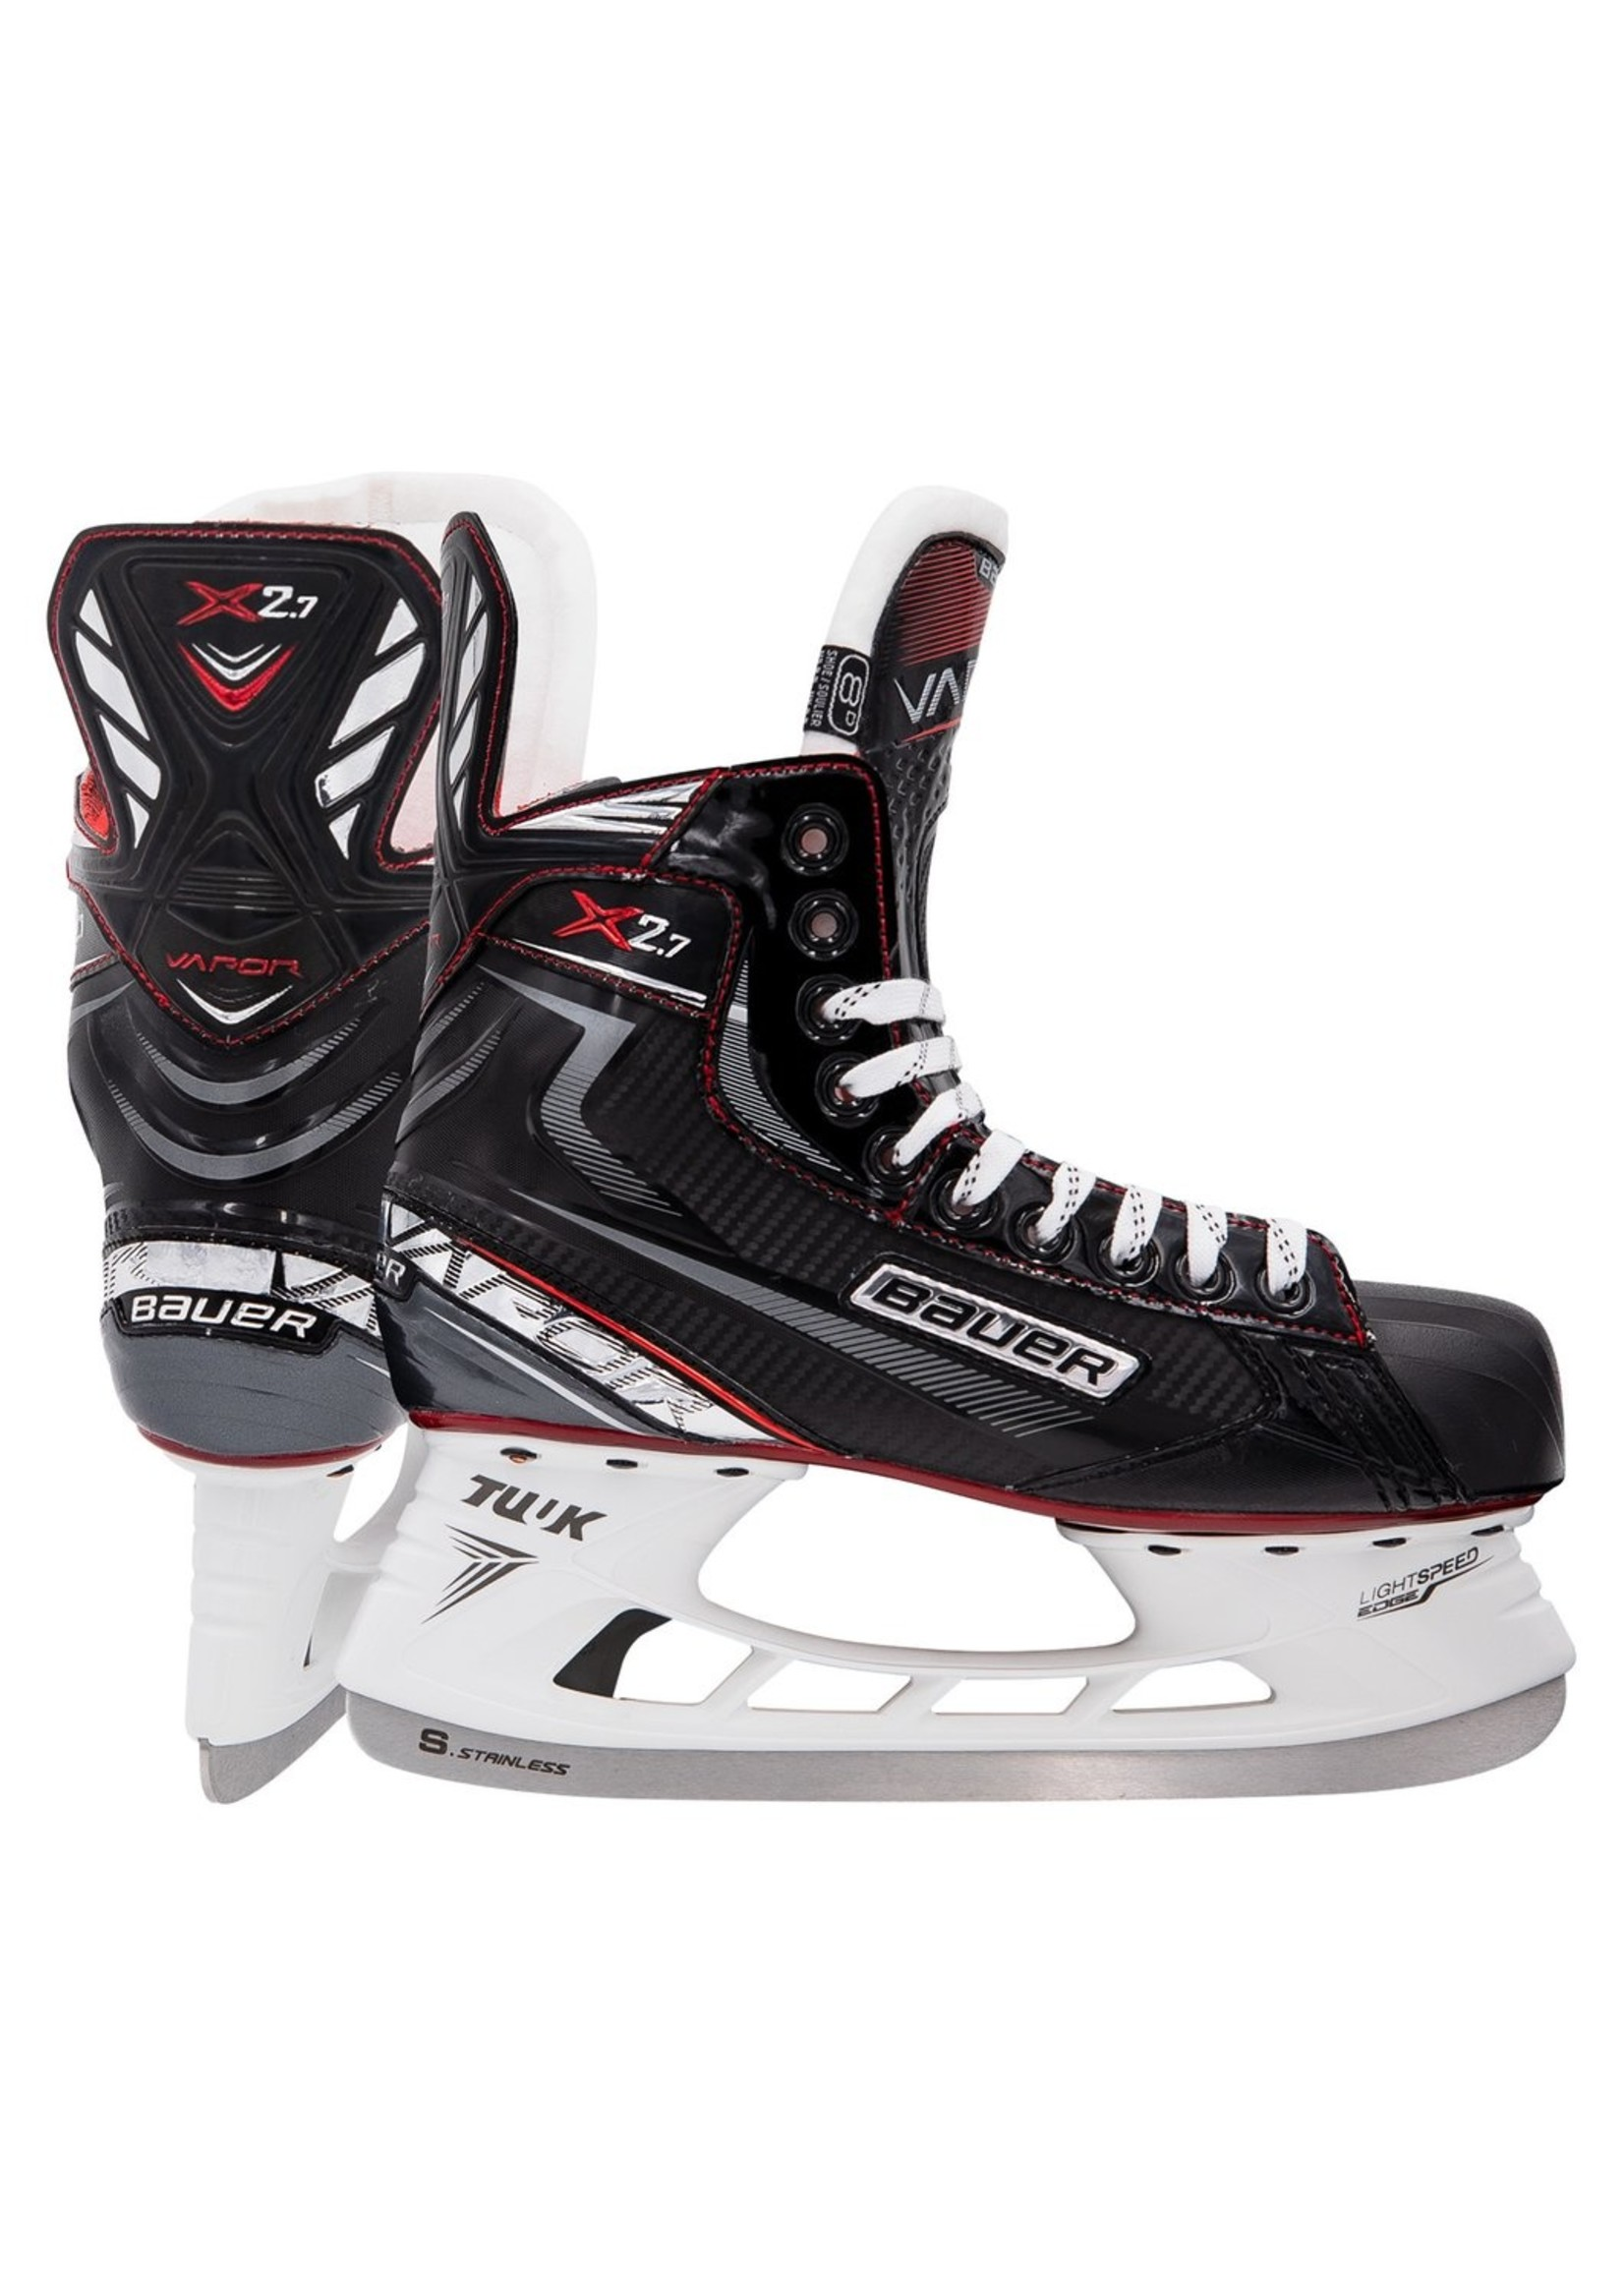 Bauer Hockey BAUER BTH19 VAPOR X2.7 SKATES